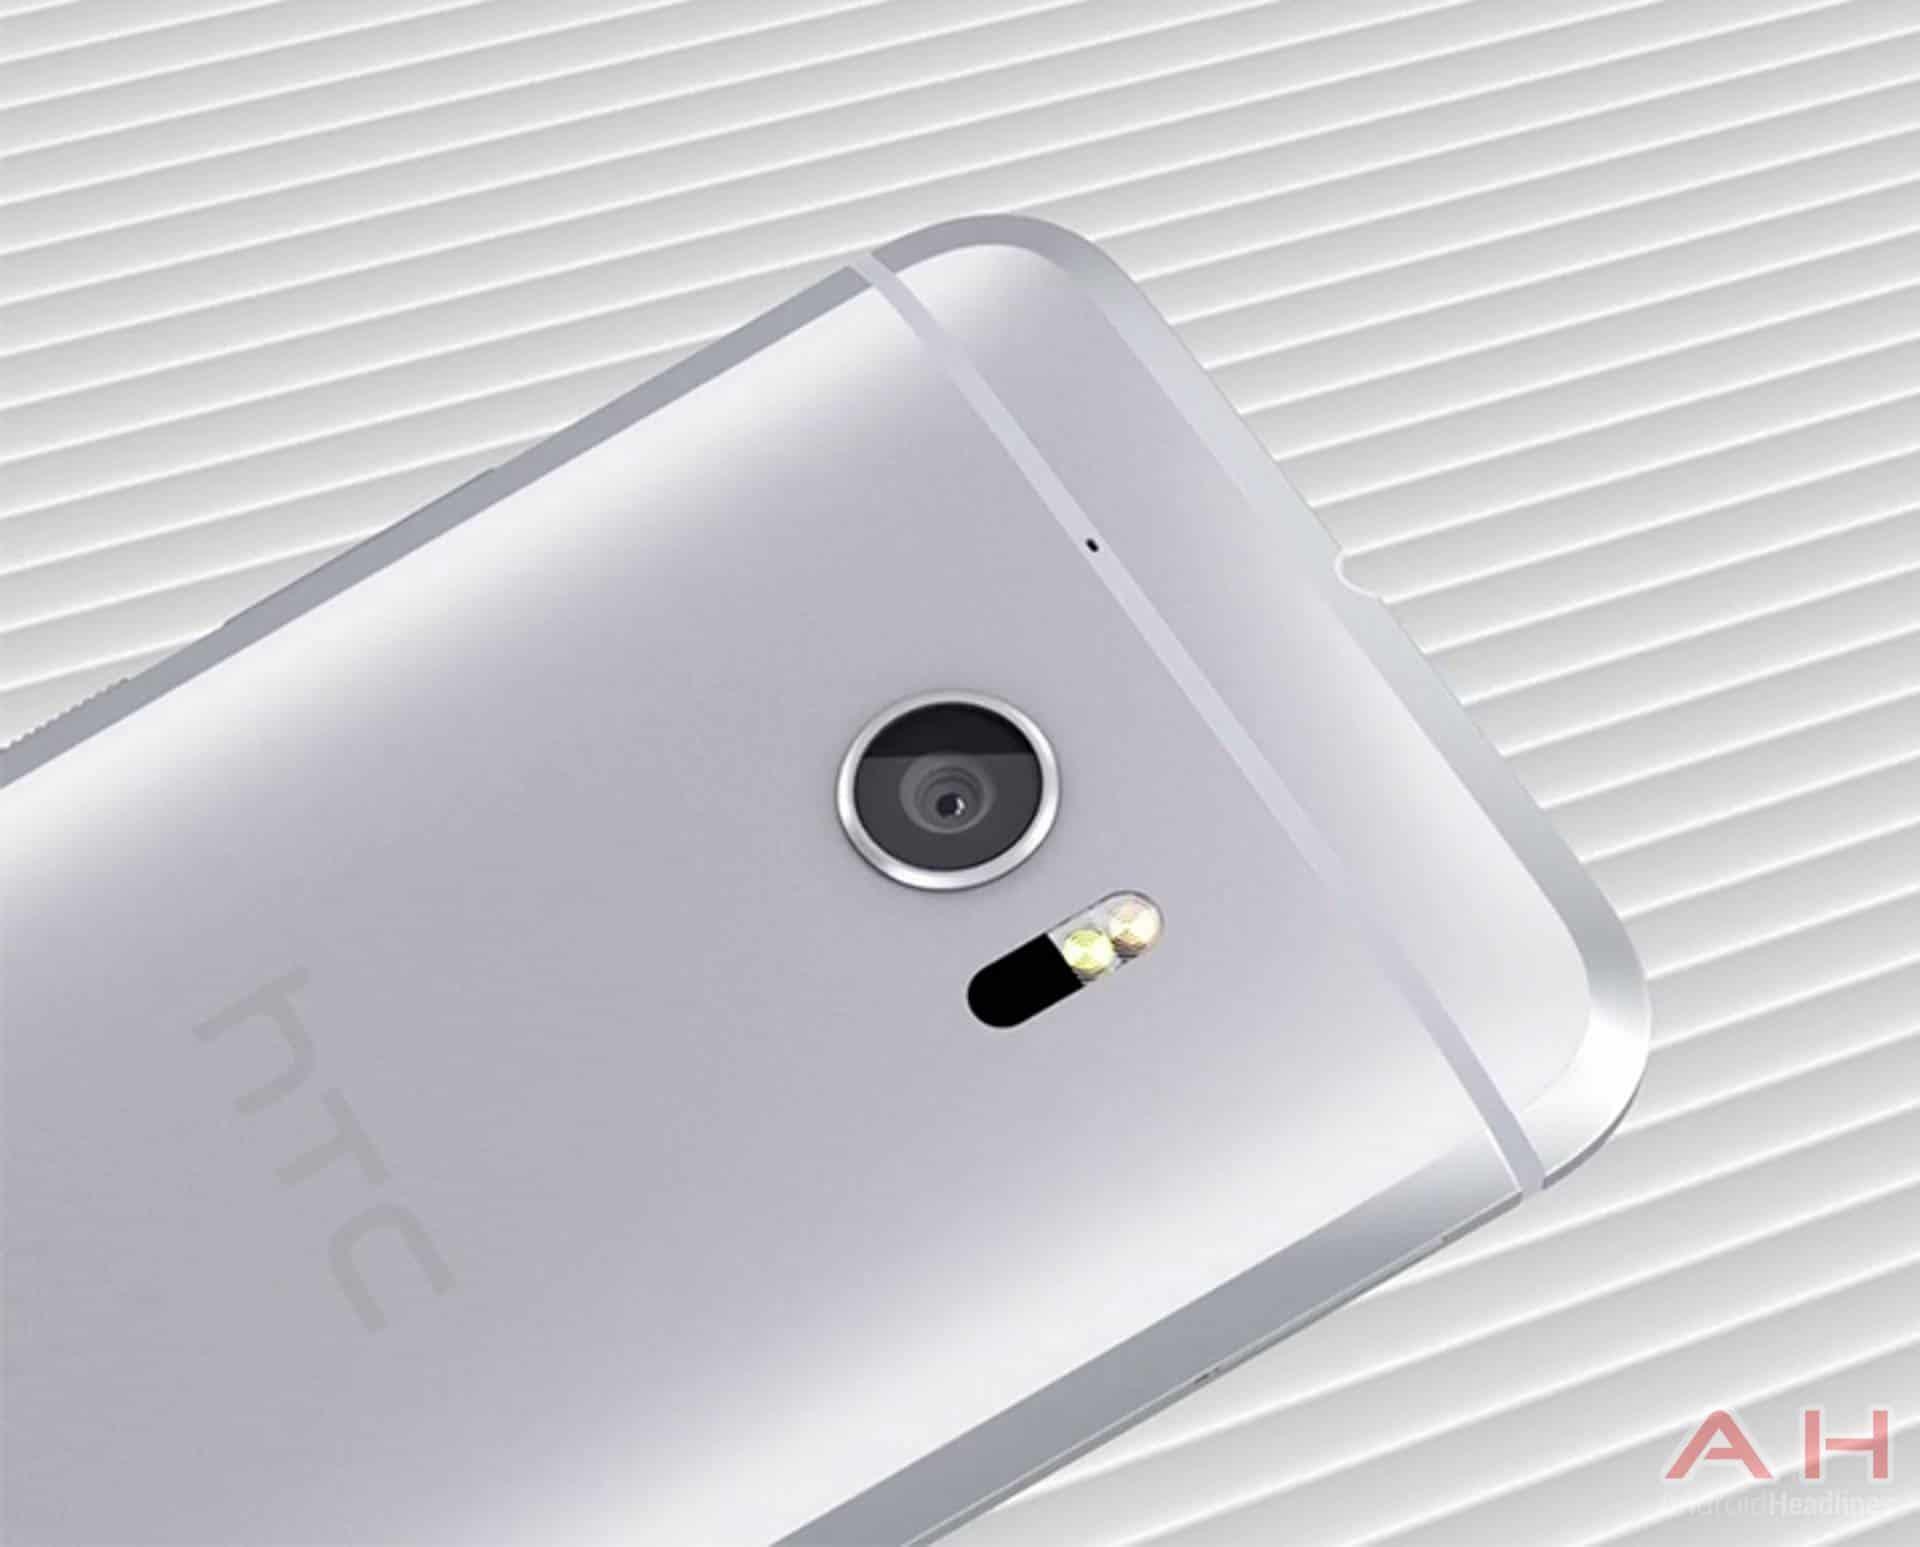 HTC 10 AH 11